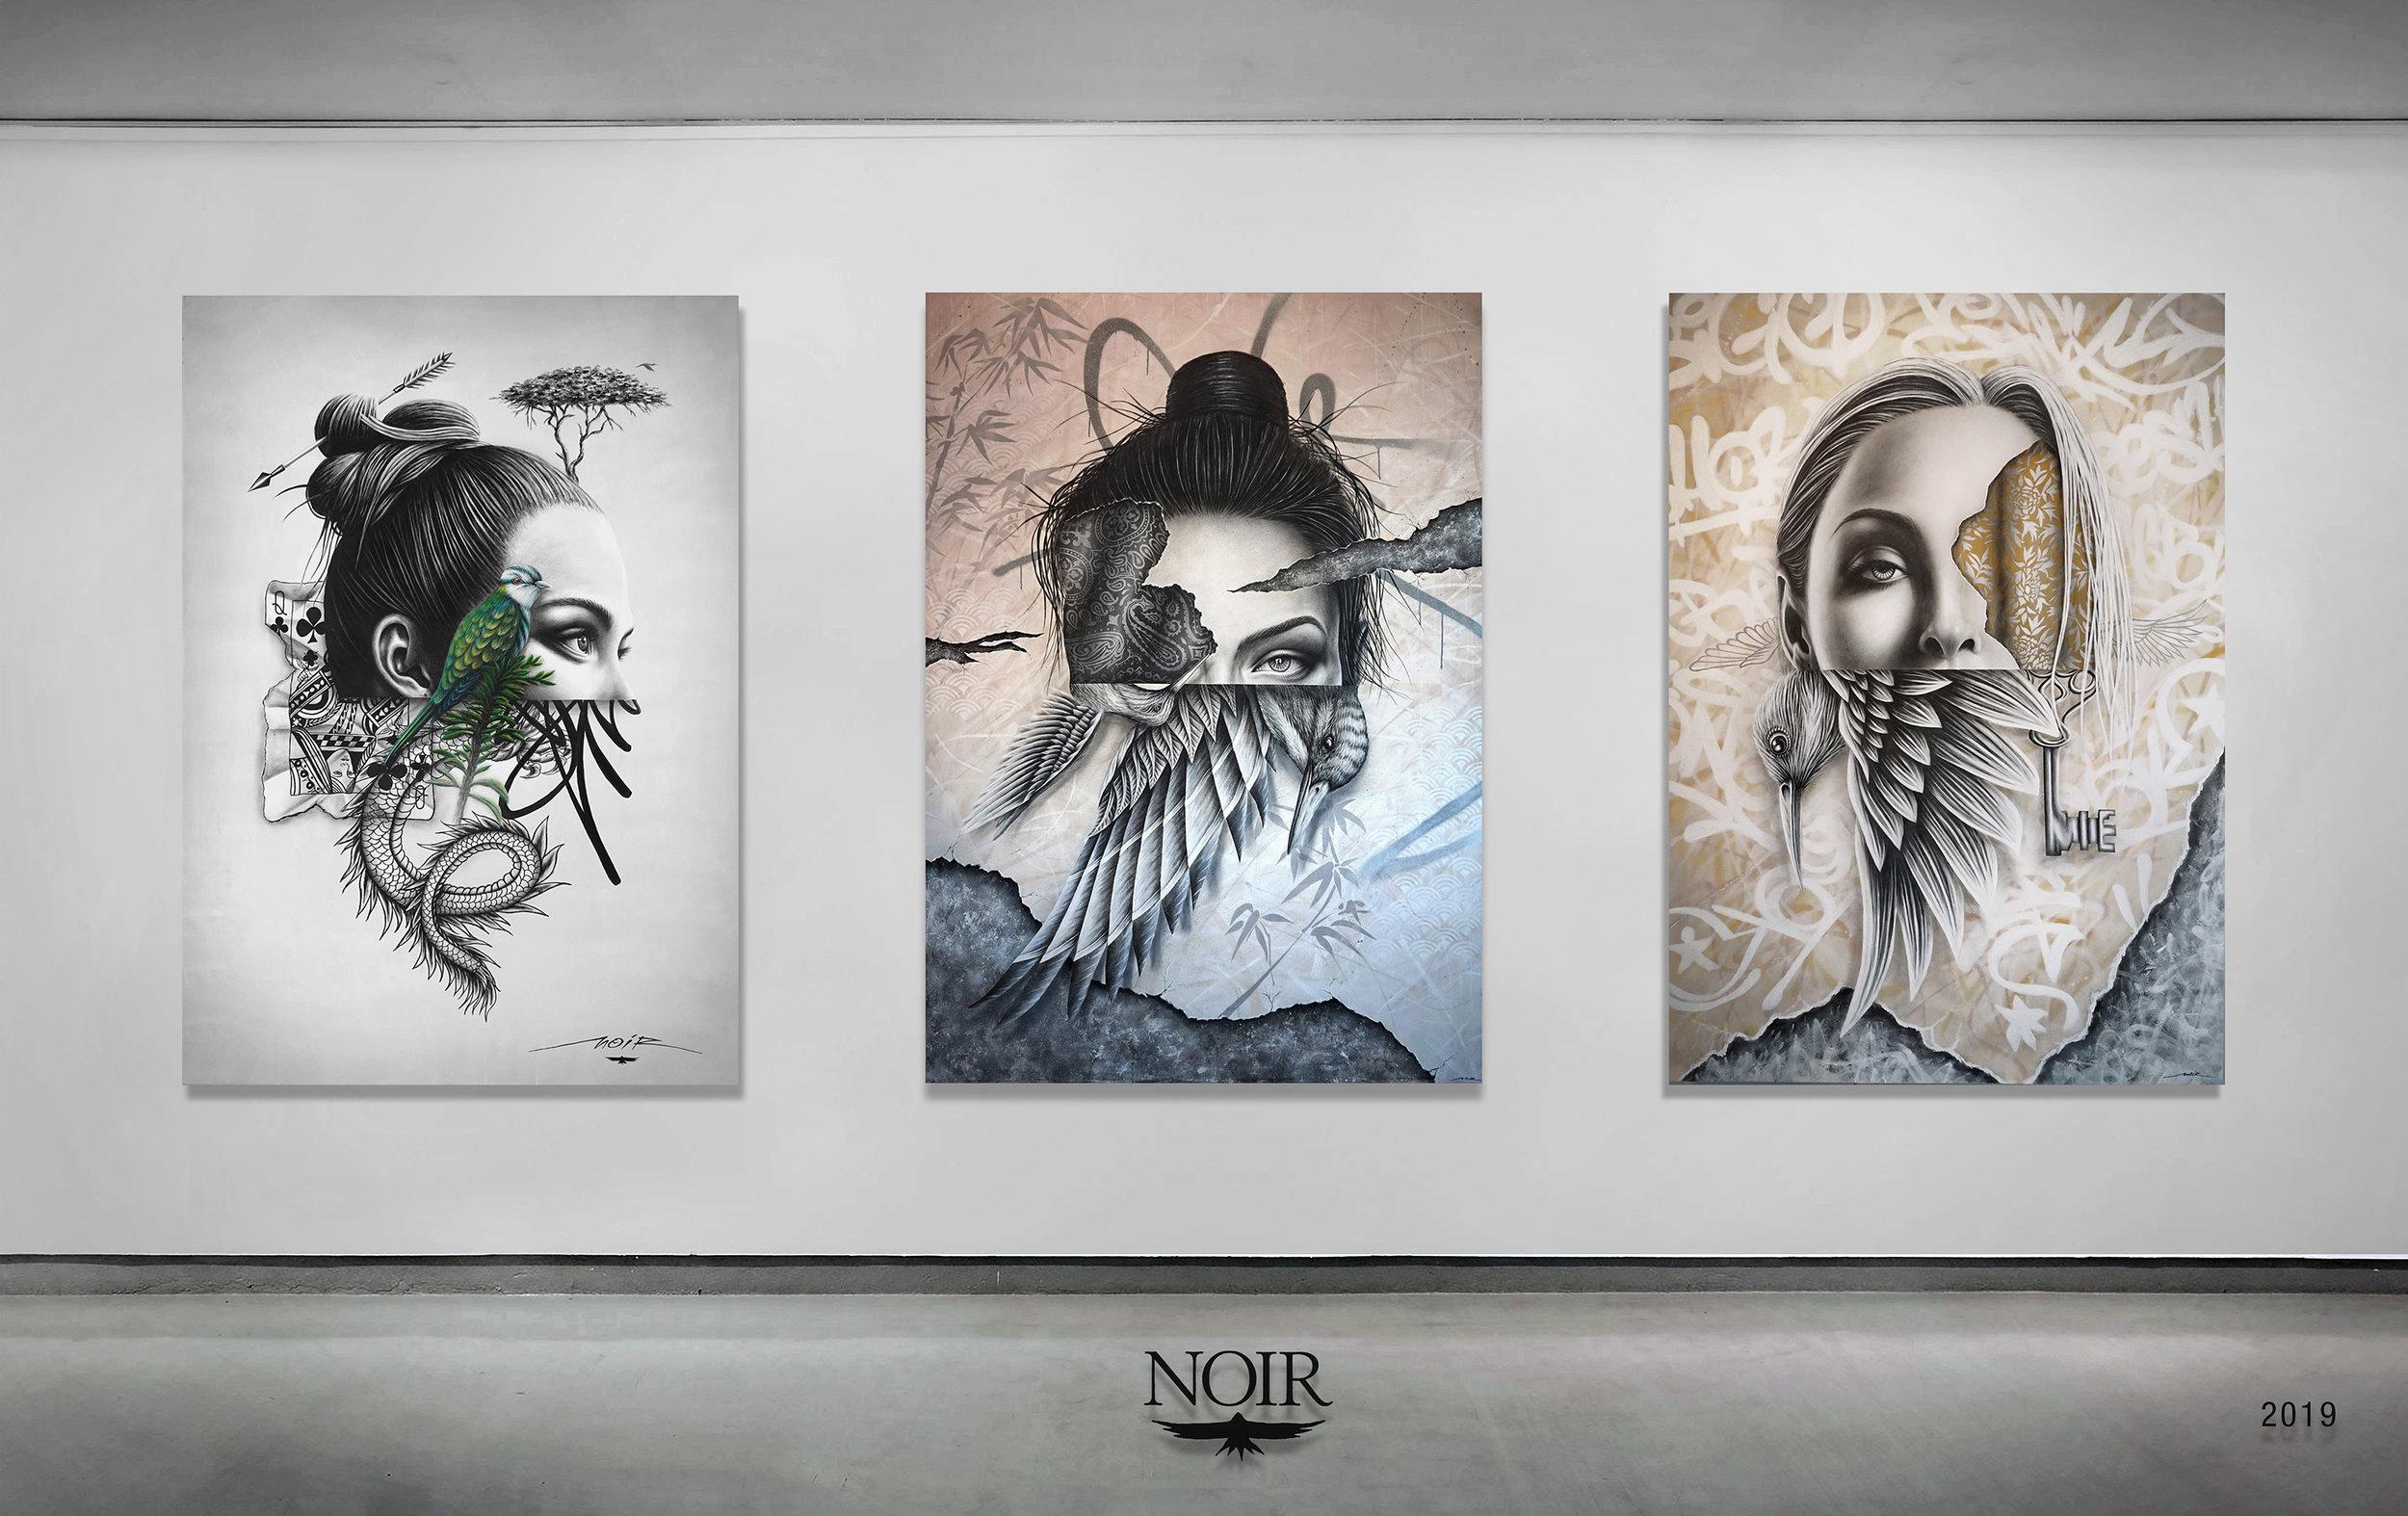 NOIR artist - 2019